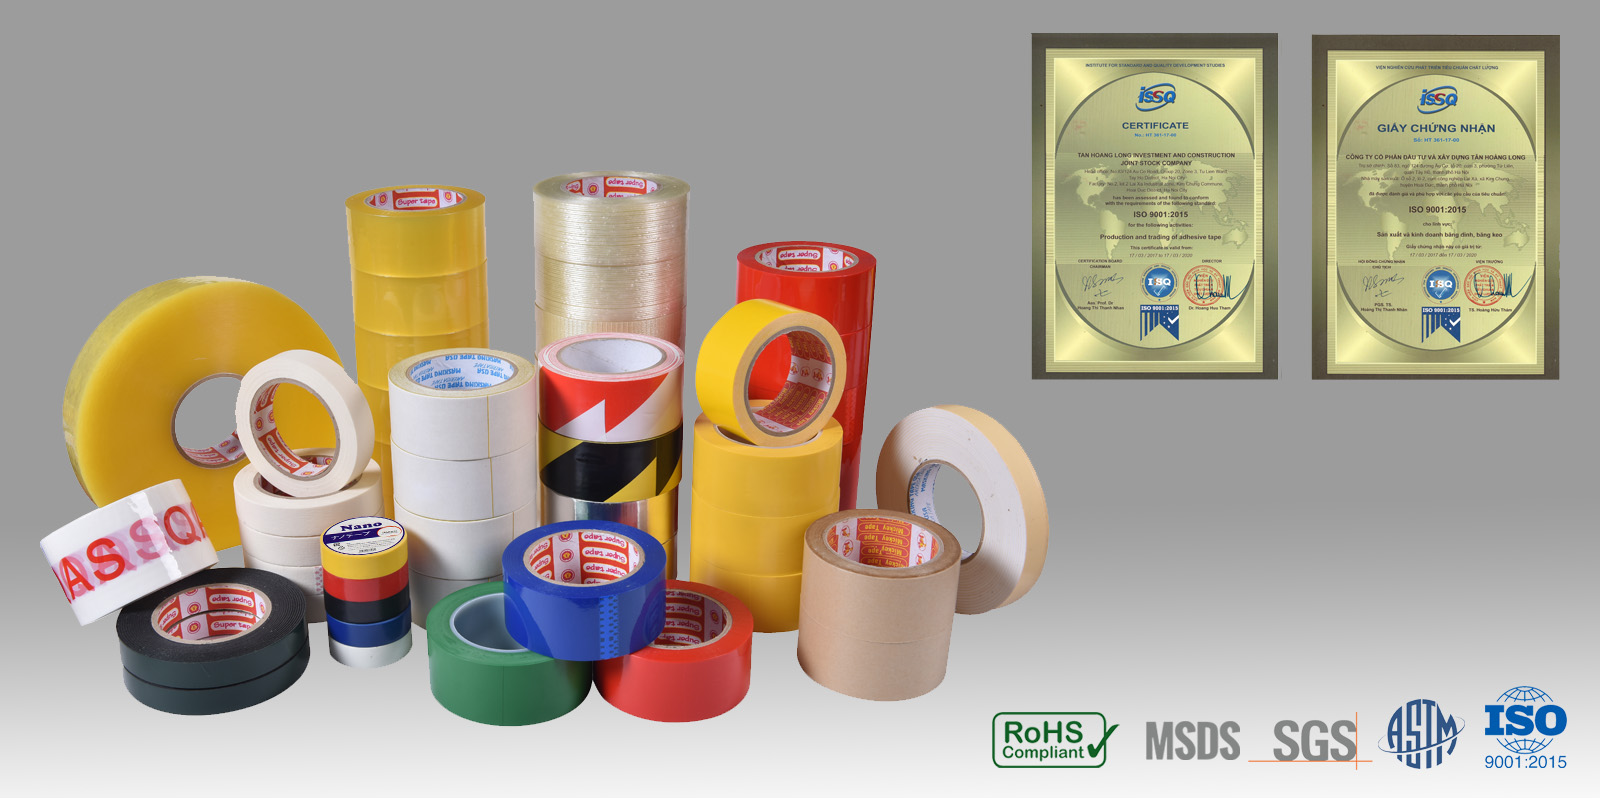 nhà sản xuất băng dính băng keo THL TAPE